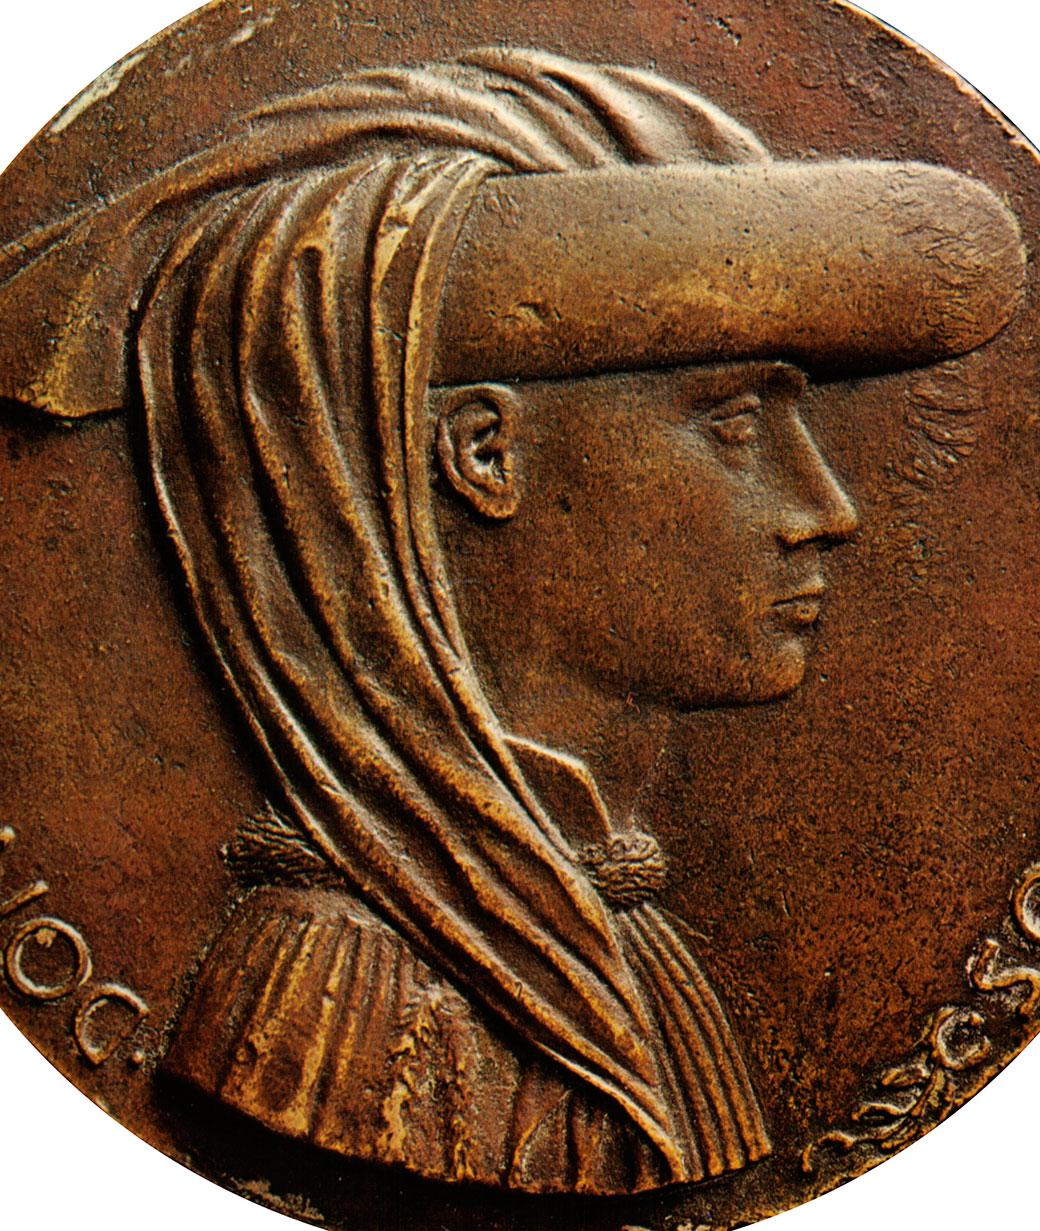 Enyego d'Àvalos, gran camarlenc d'Alfonso el Magnànim i autor del Curial i Güelfa, retratat en una medalla del Pisanello (Nàpols, 1449).